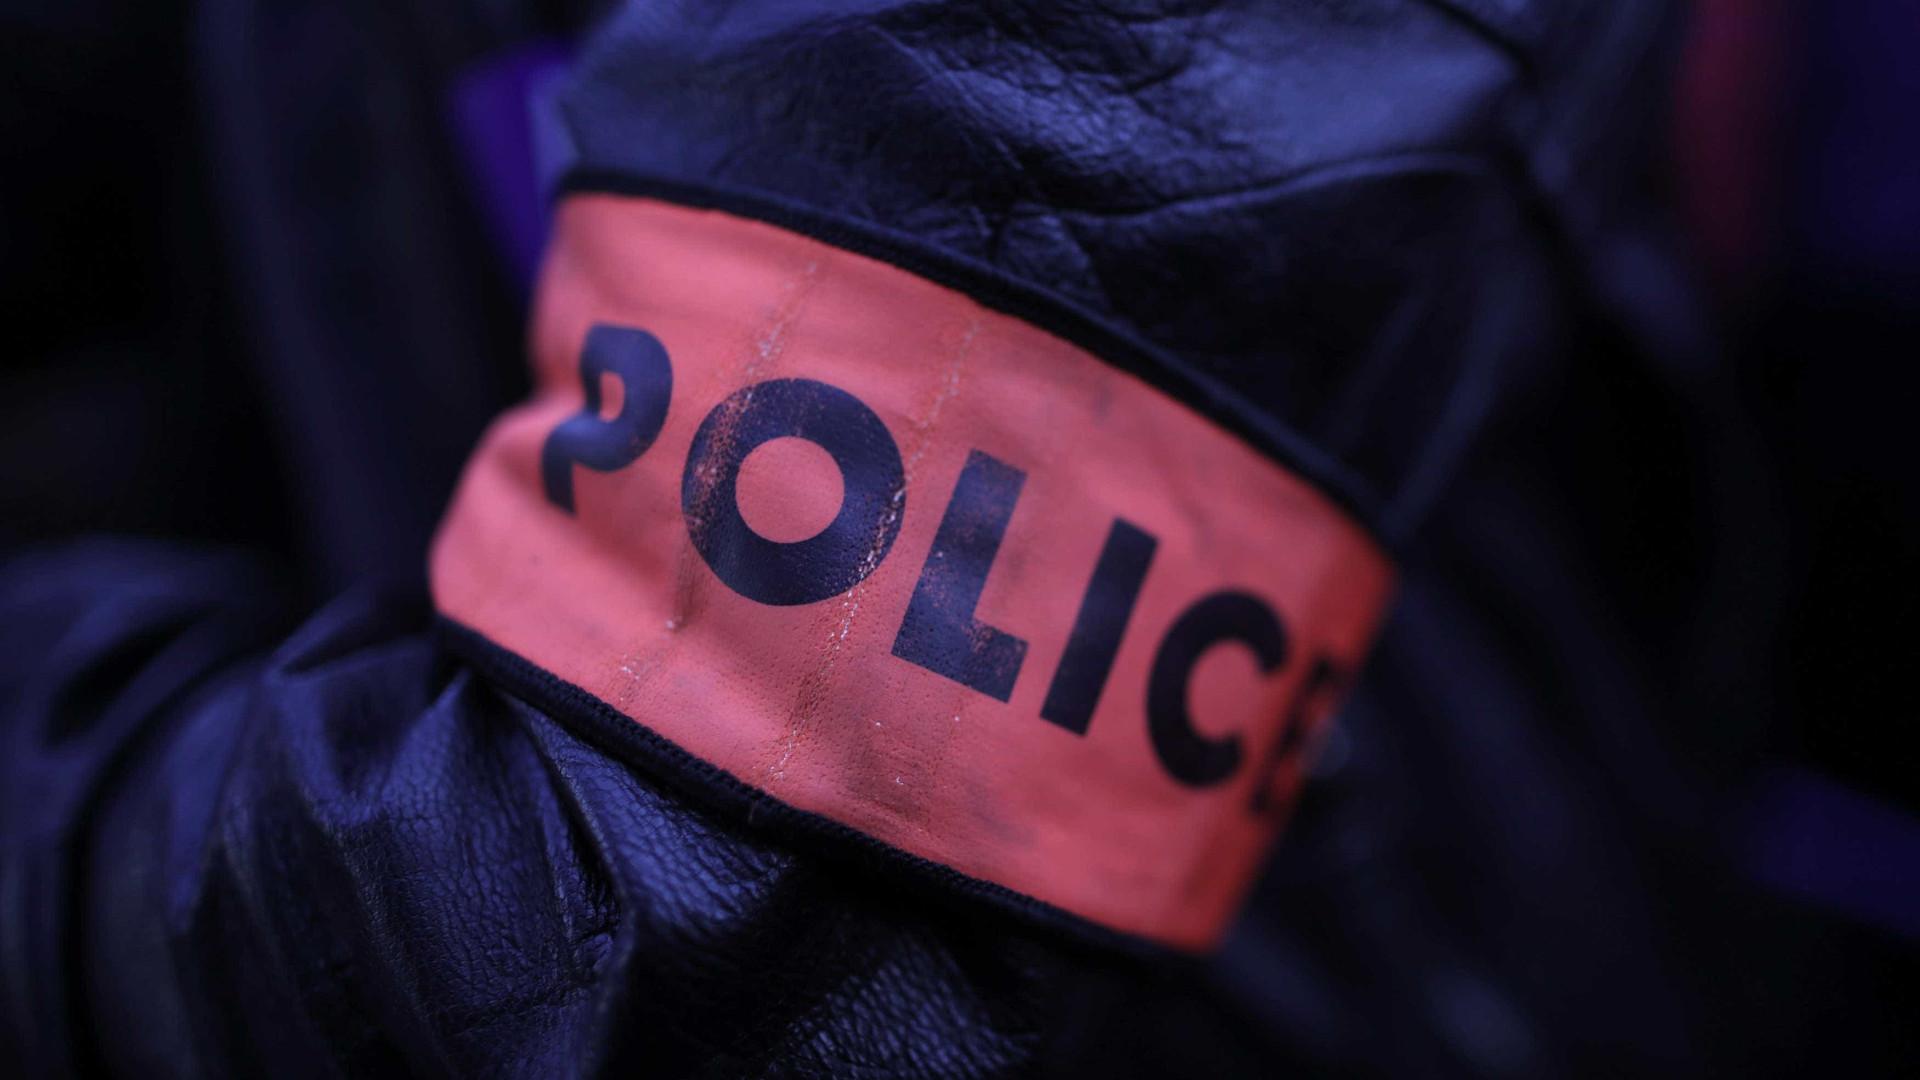 Polícias detidos em caso de agressões do chefe de segurança de Macron